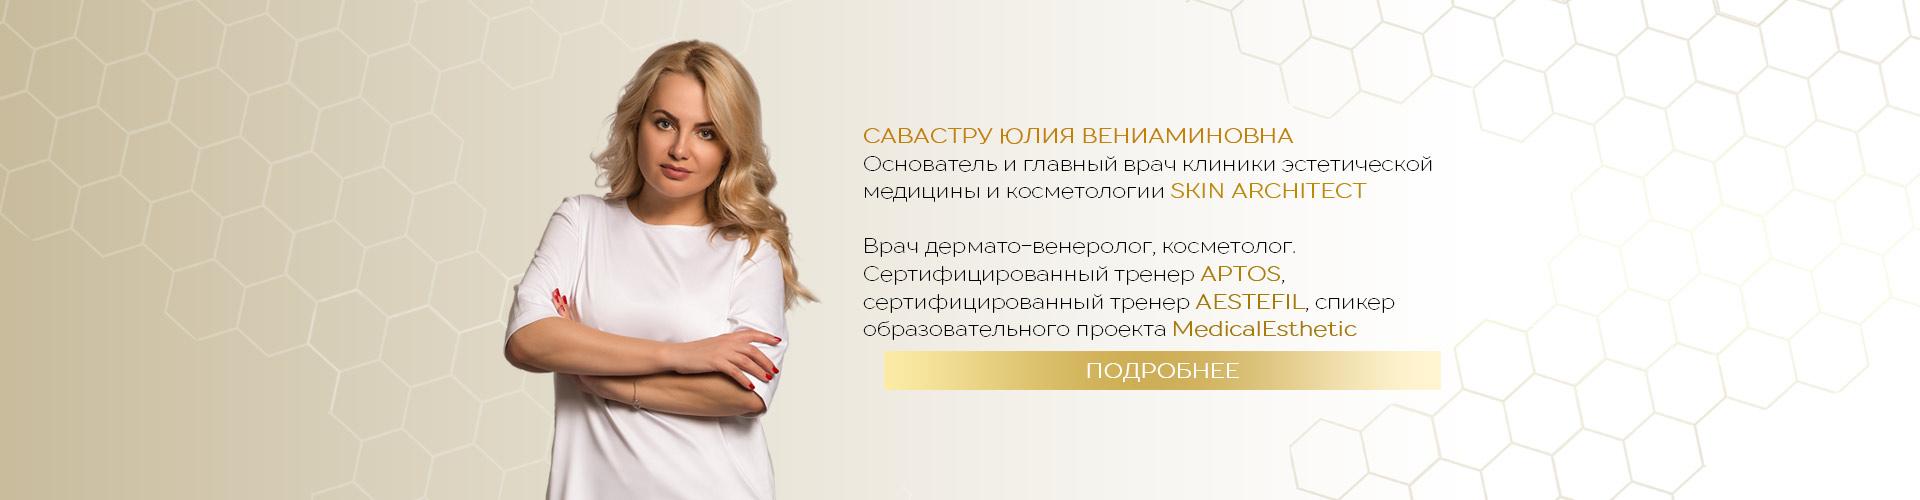 Савастру Юлия Вениаминовна врач косметолог